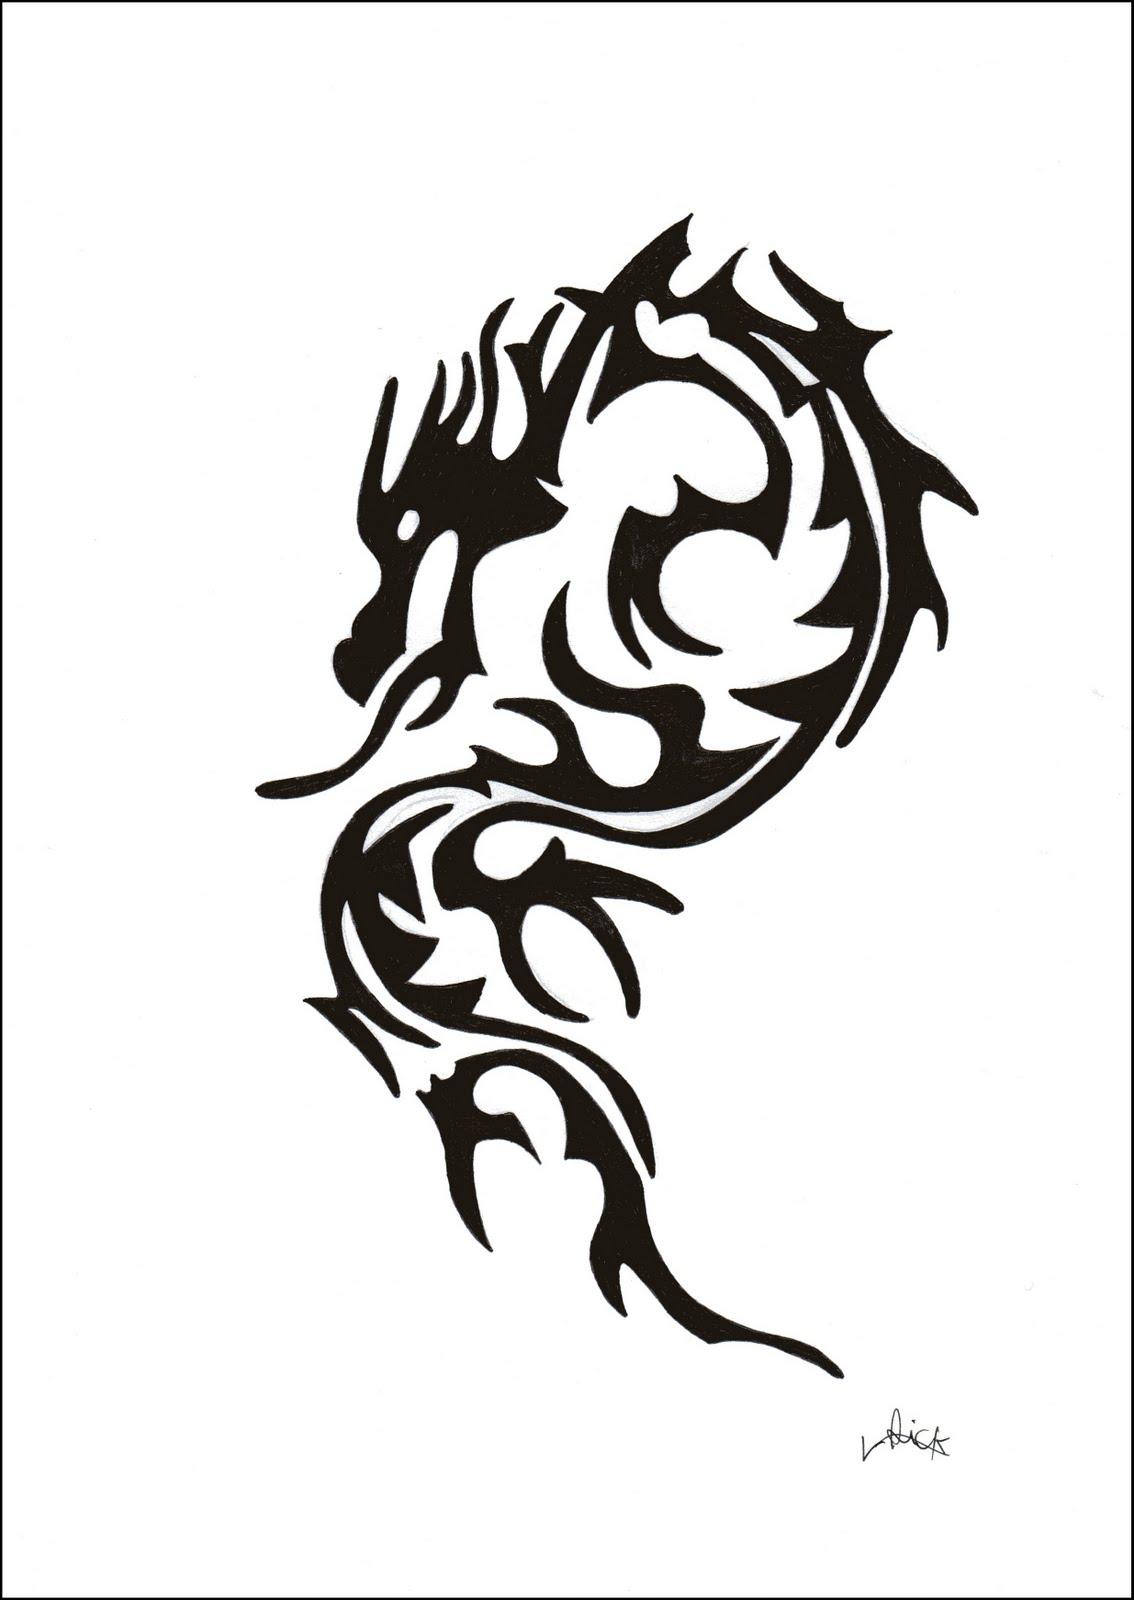 http://4.bp.blogspot.com/-AqlyUYMcrQc/Tl-zqLy5hPI/AAAAAAAAJXk/BpWseq_LfXA/s1600/Dragon_Tattoo_by_Ricardo_Rick-tattoology.blogspot.com.jpg